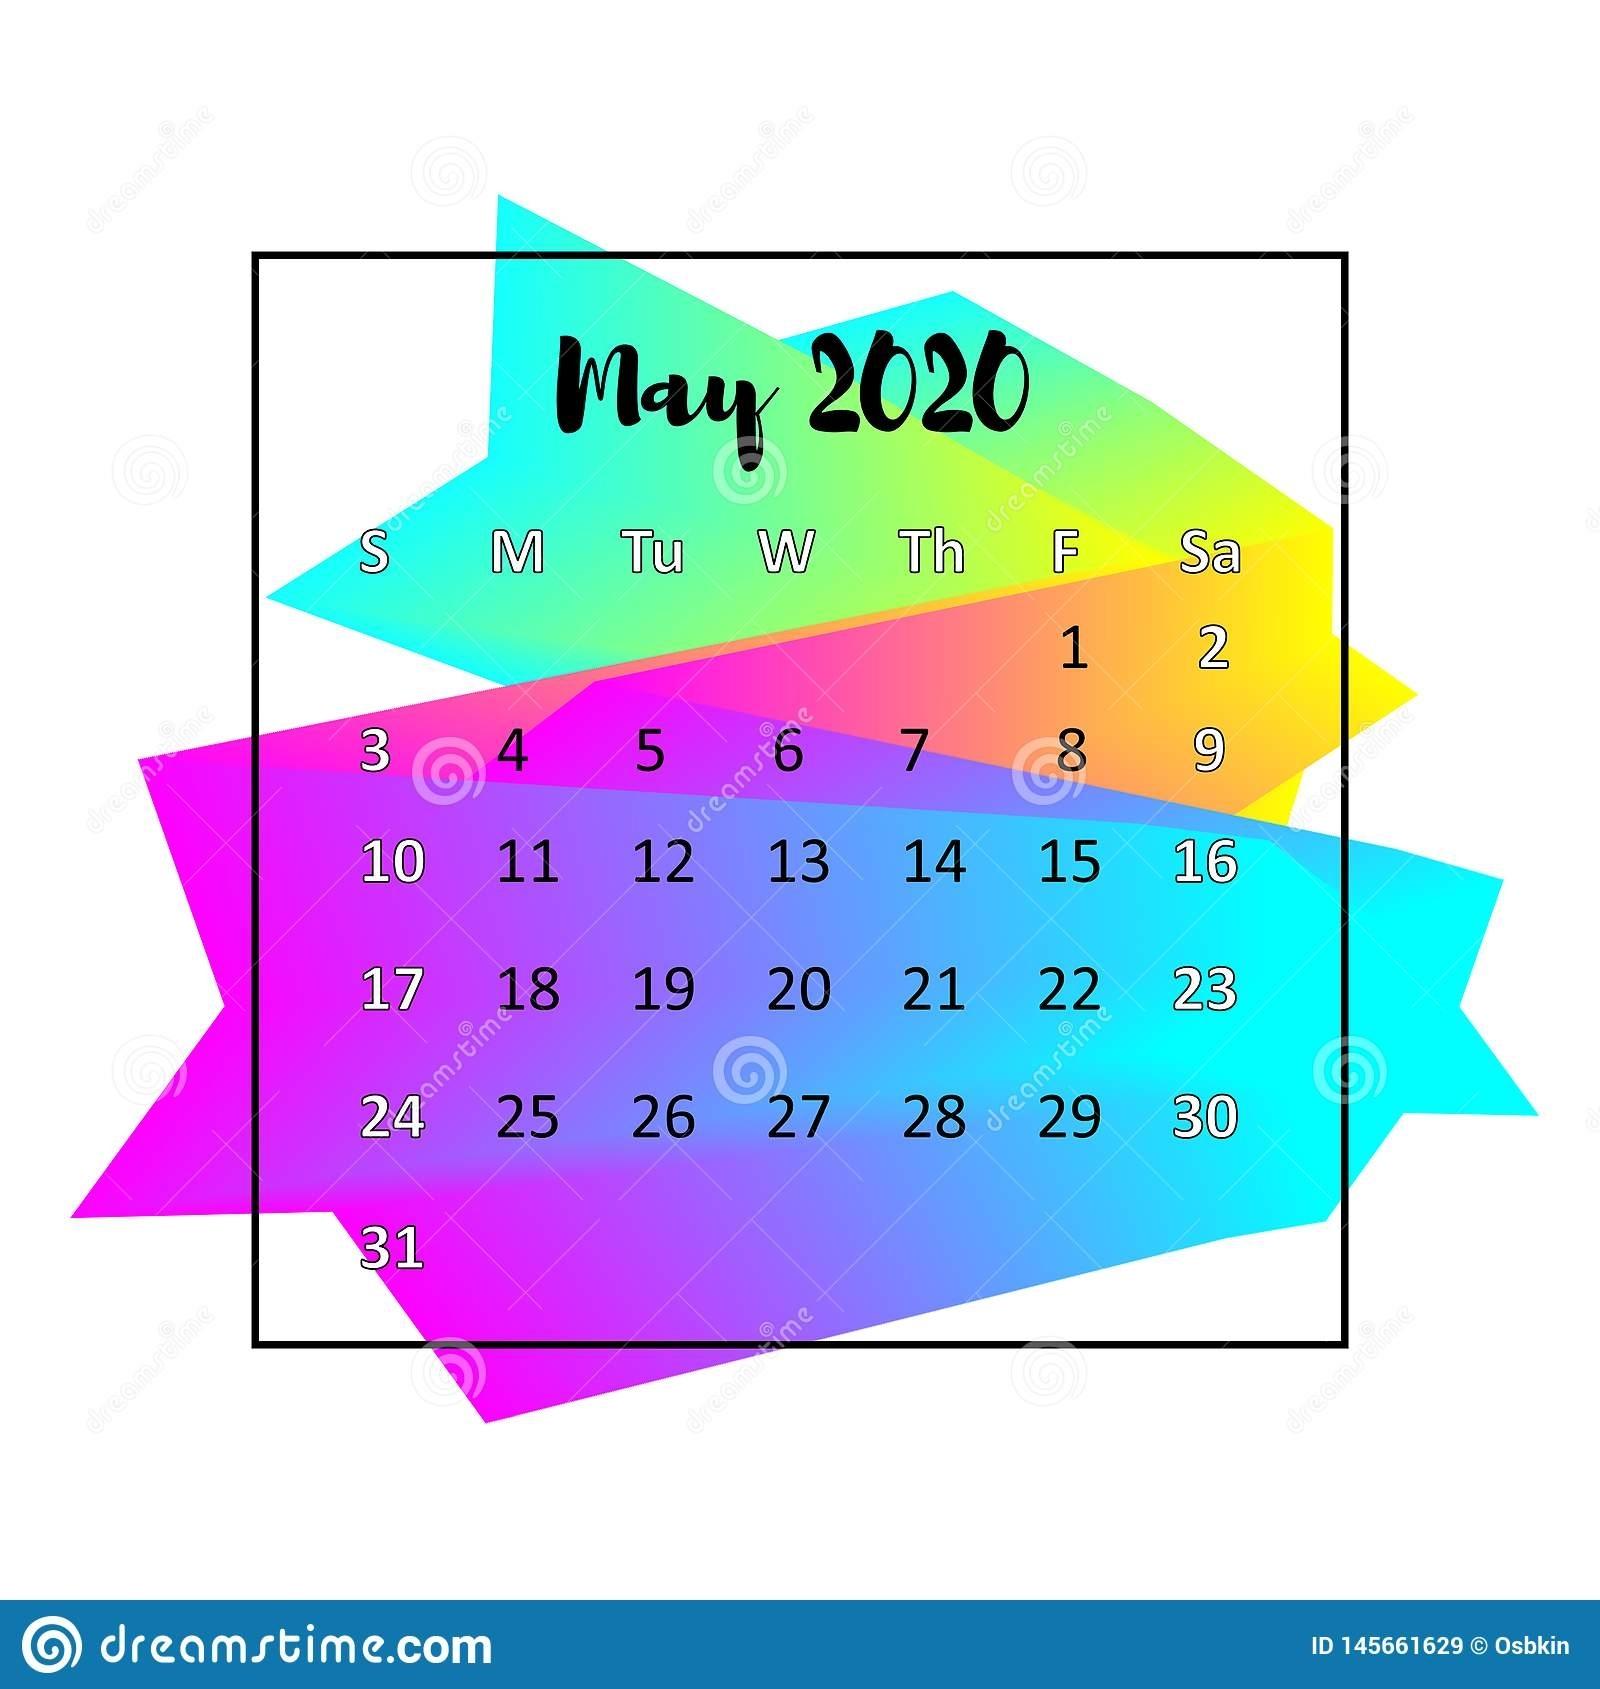 2020 Calendar Design Abstract Concept. May 2020. Stock